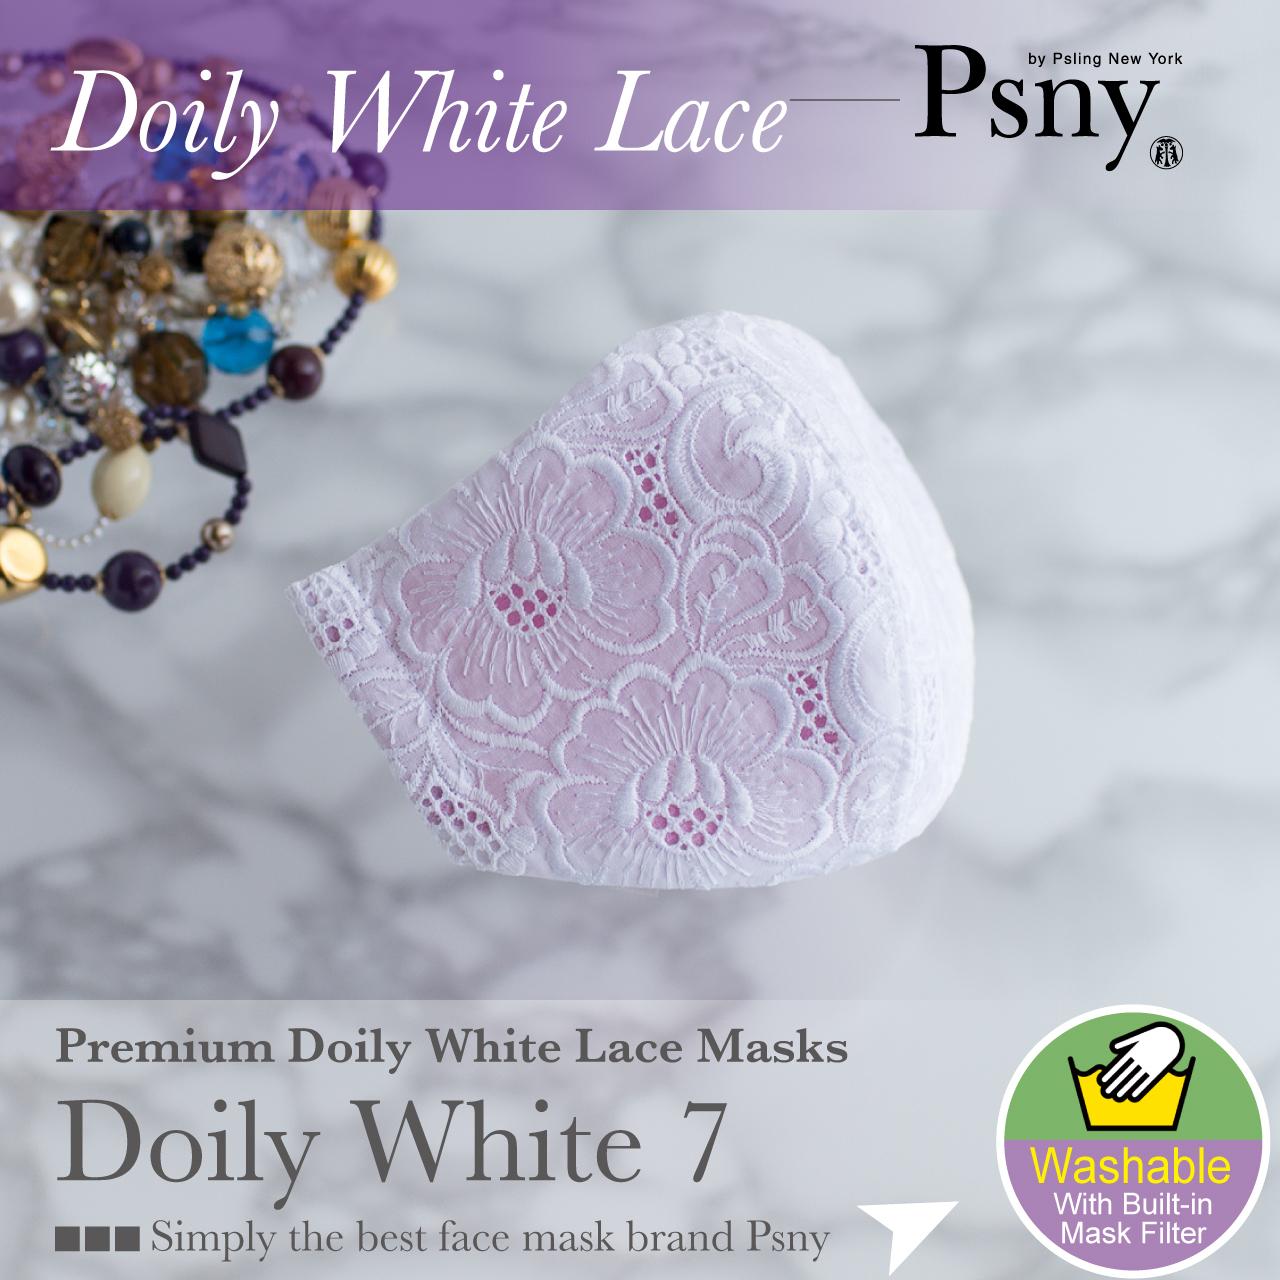 PSNY 送料無料 ドイリー・ホワイト・レース 7 花粉 黄砂 不織布フィルター入り おしゃれ リネン 肌に優しい上品 冠婚葬祭 白 シロ 美しい 立体 おとな ドレス ますく マスク --LD07